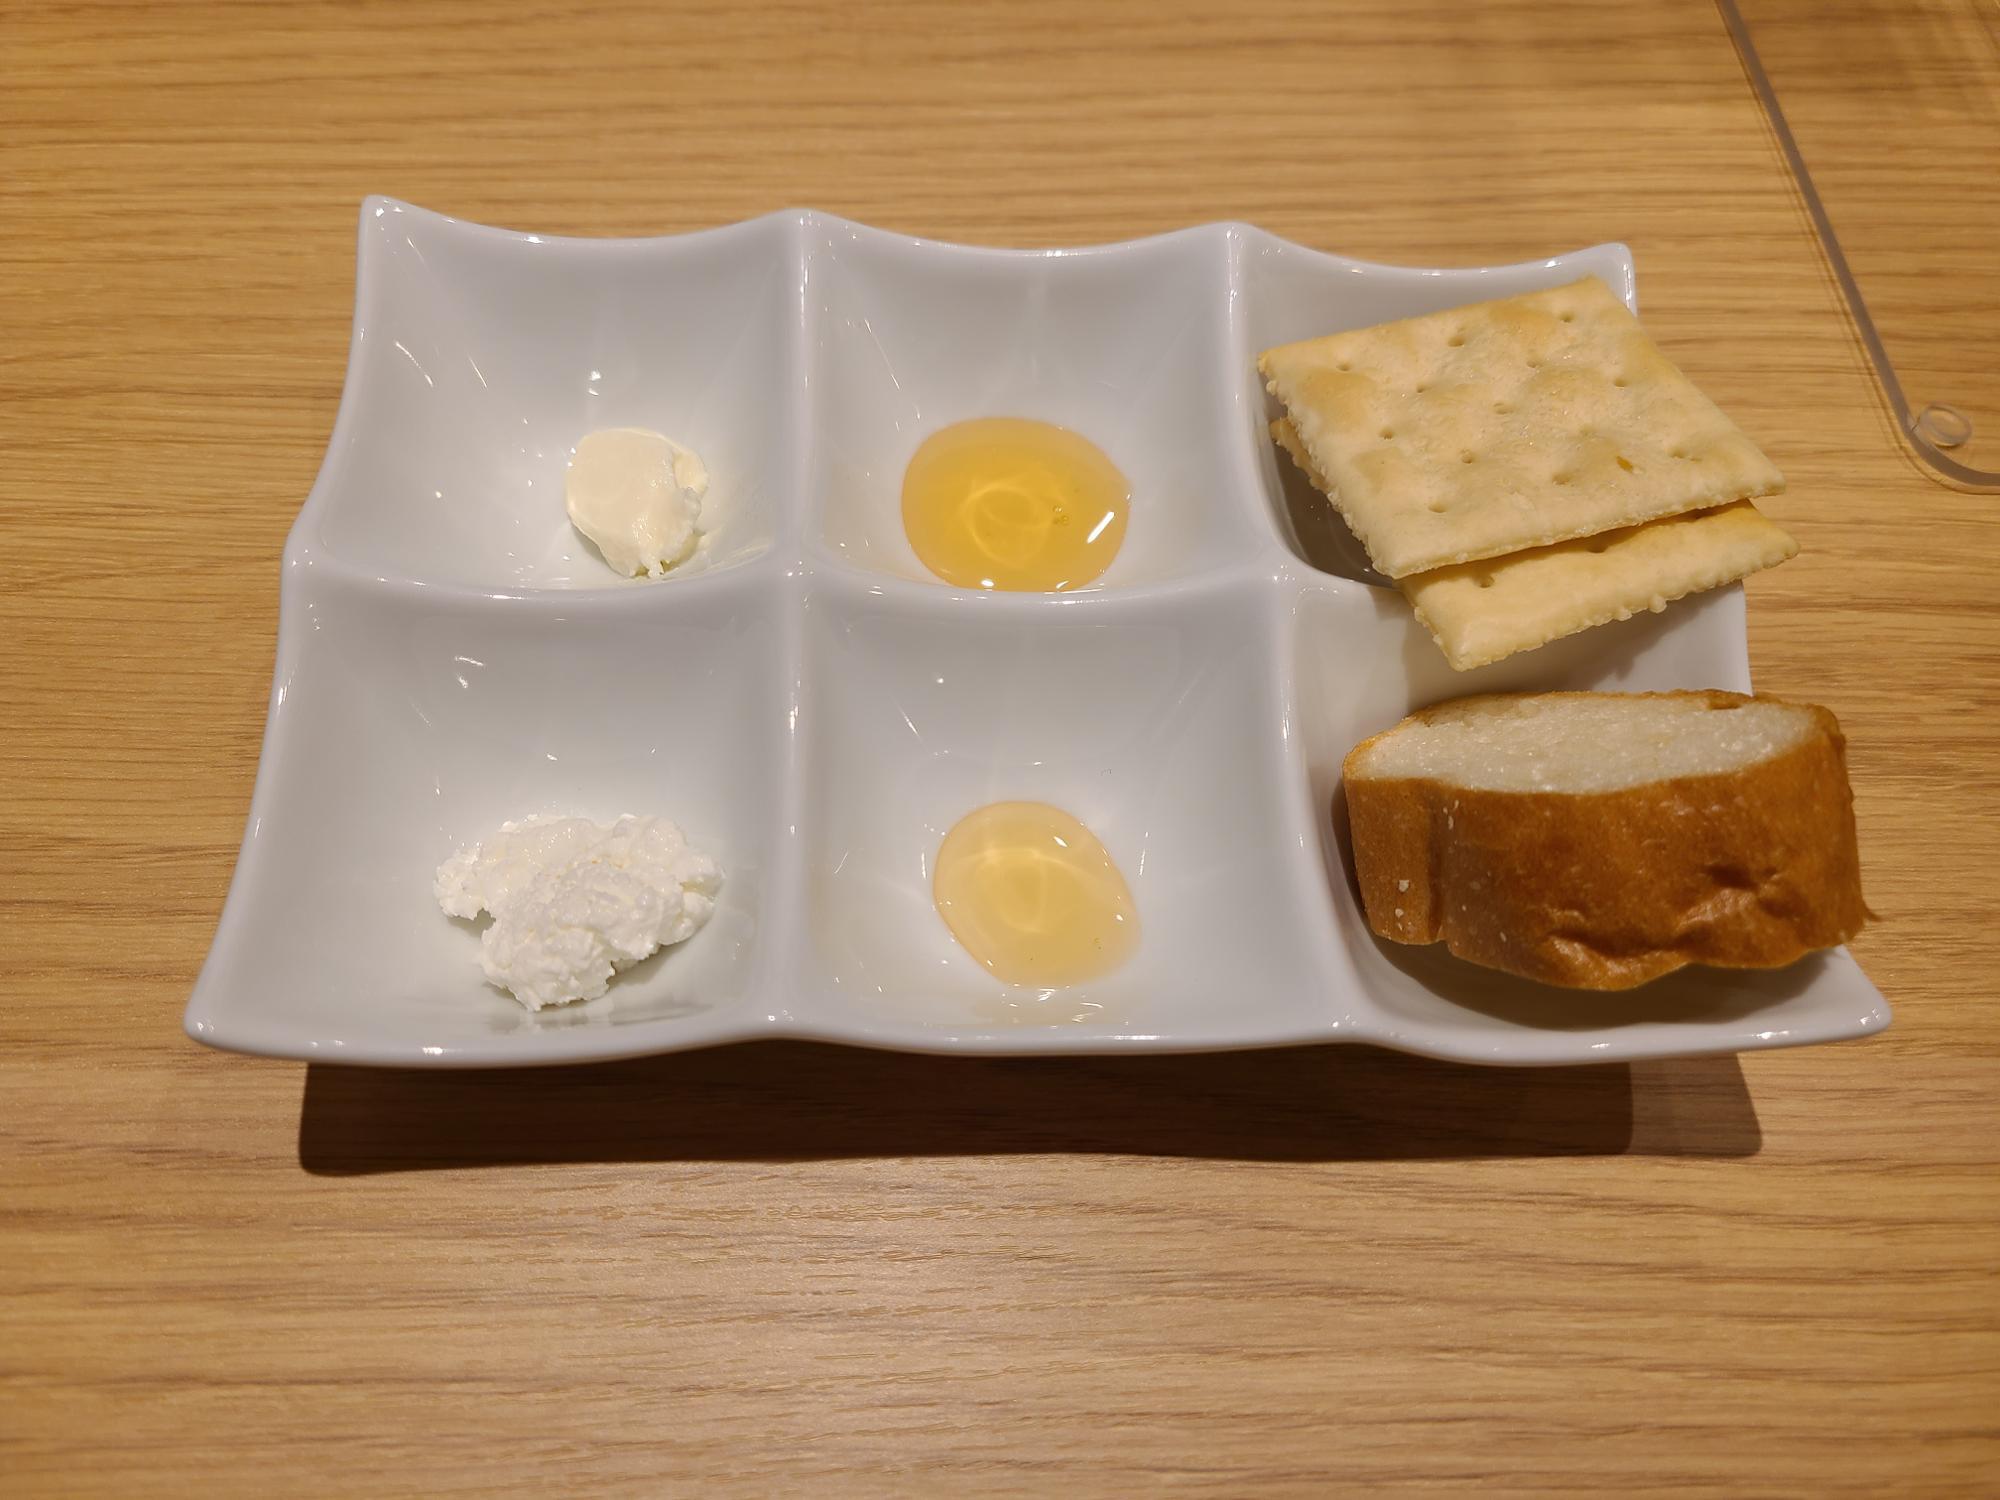 チーズと生ハチミツを2種類づつ試食できるプレート